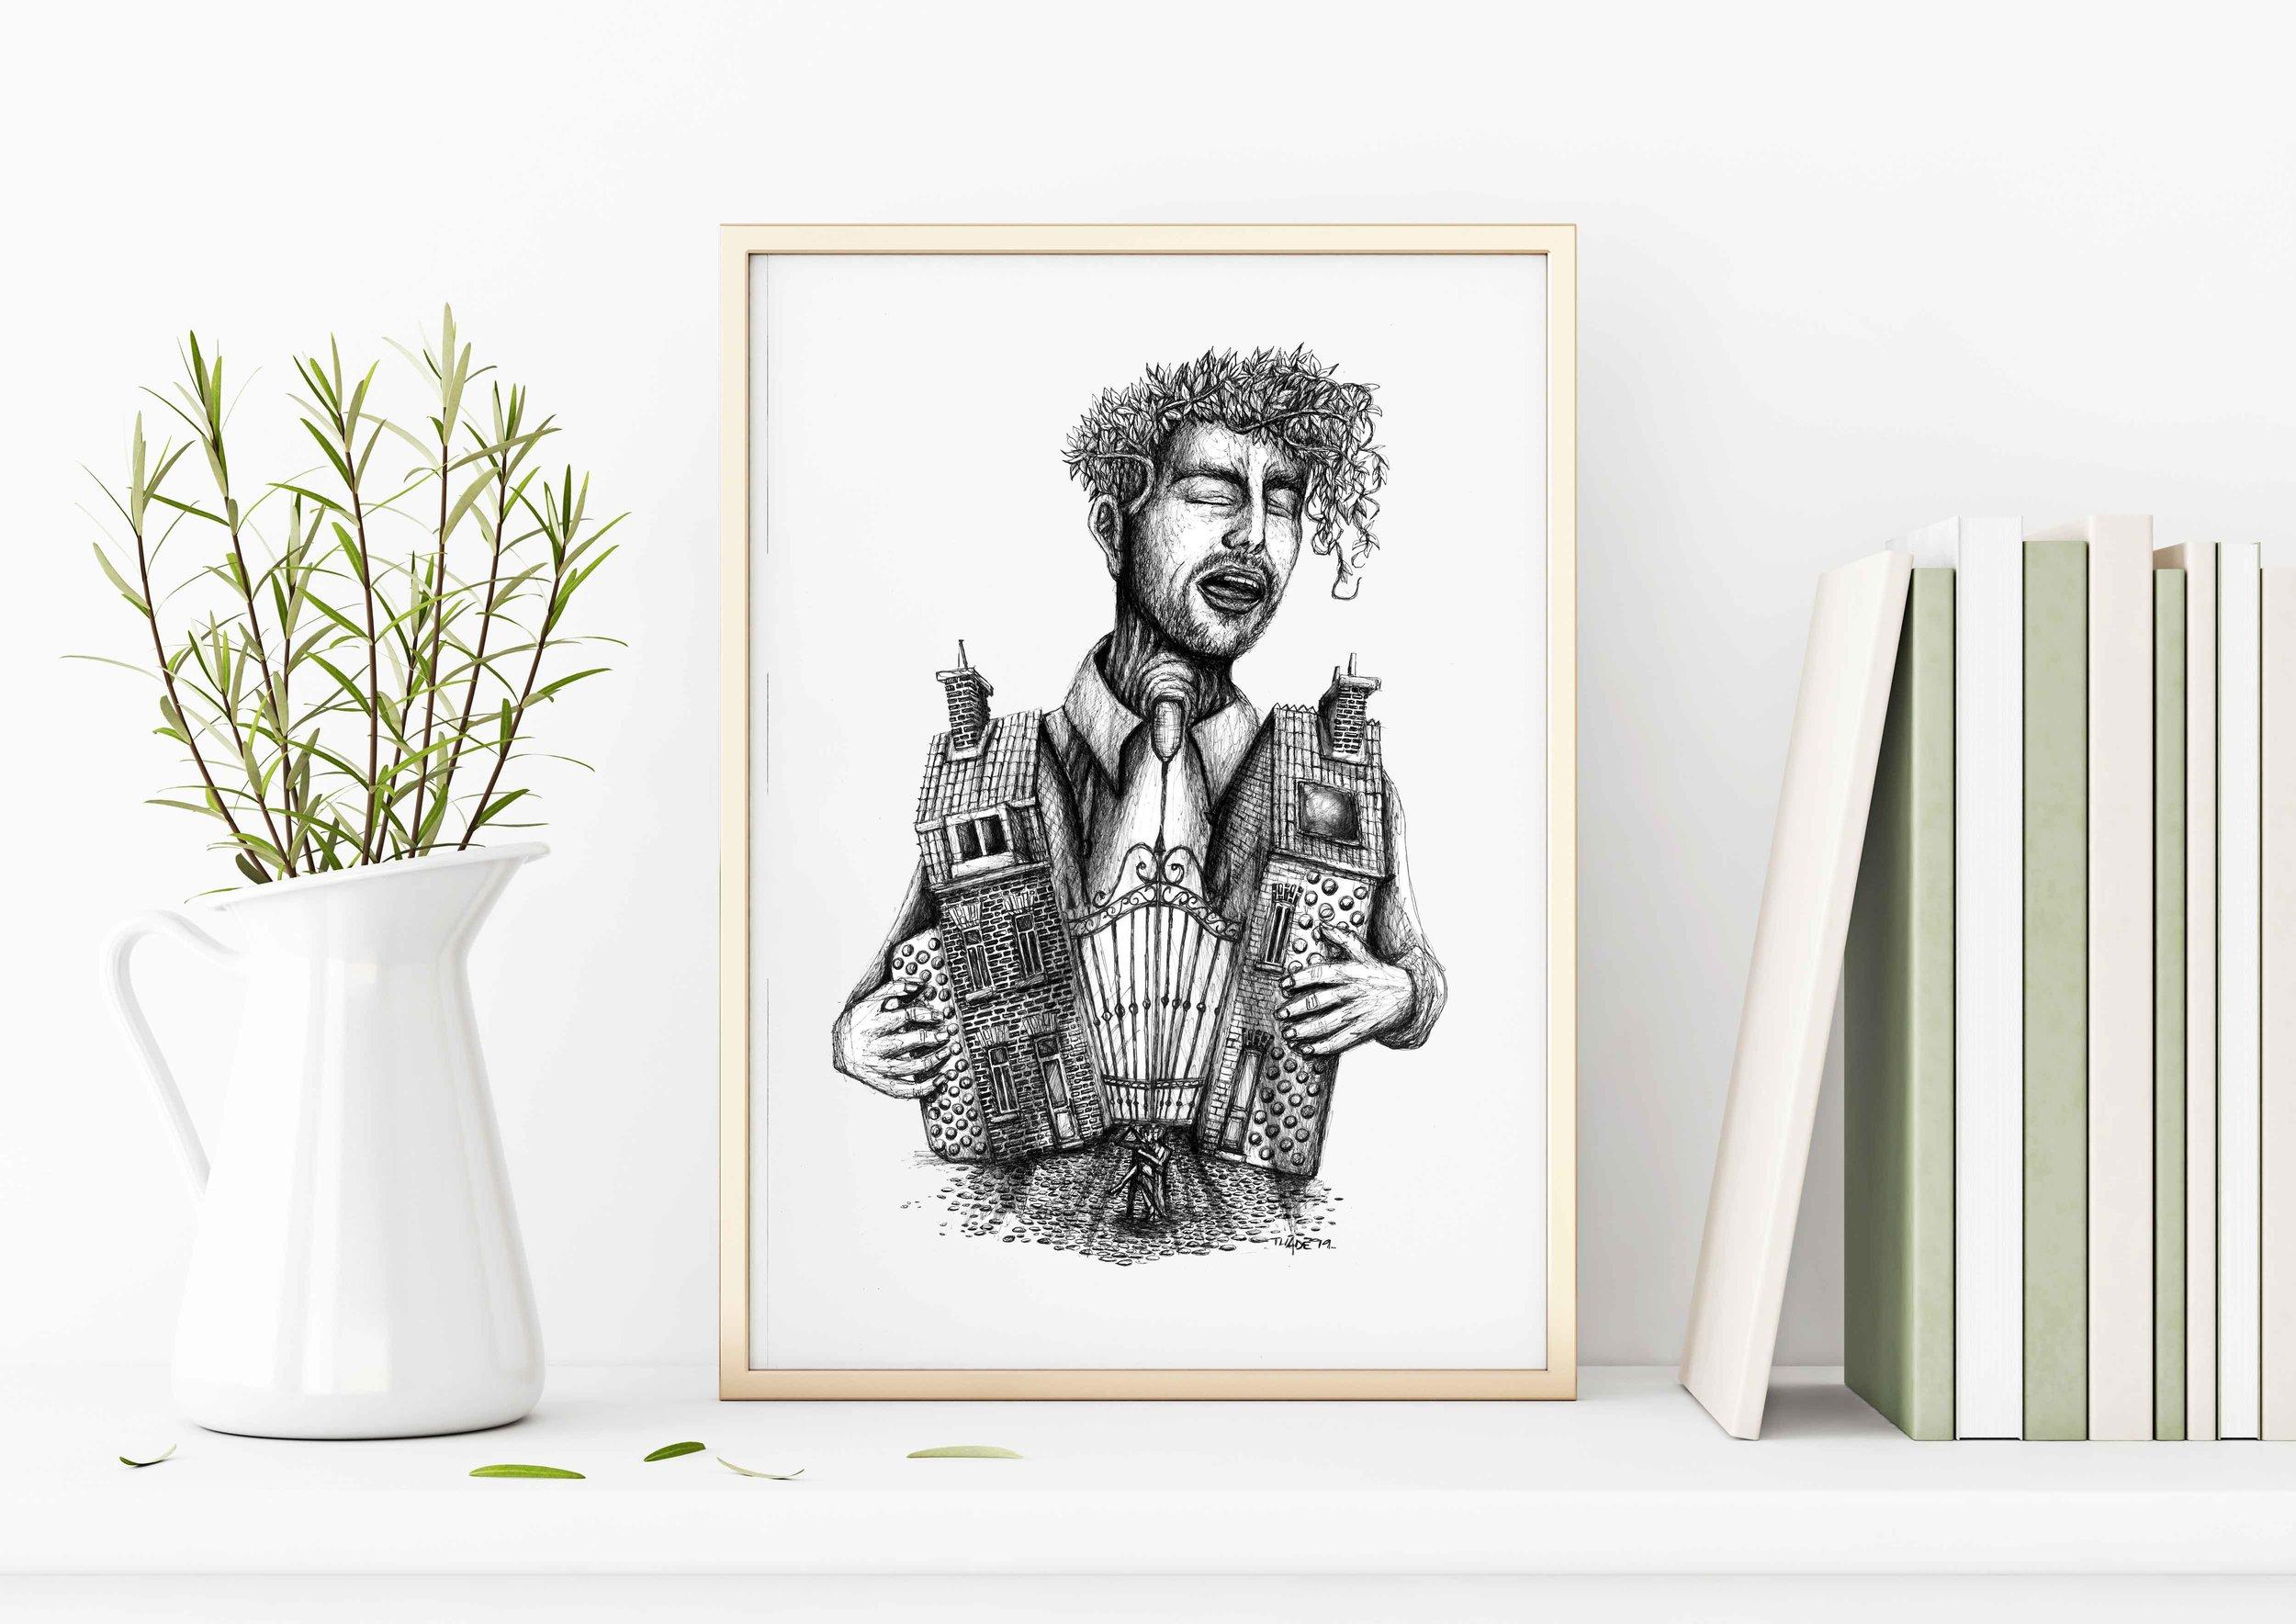 L'accordéoniste ~ Thadé